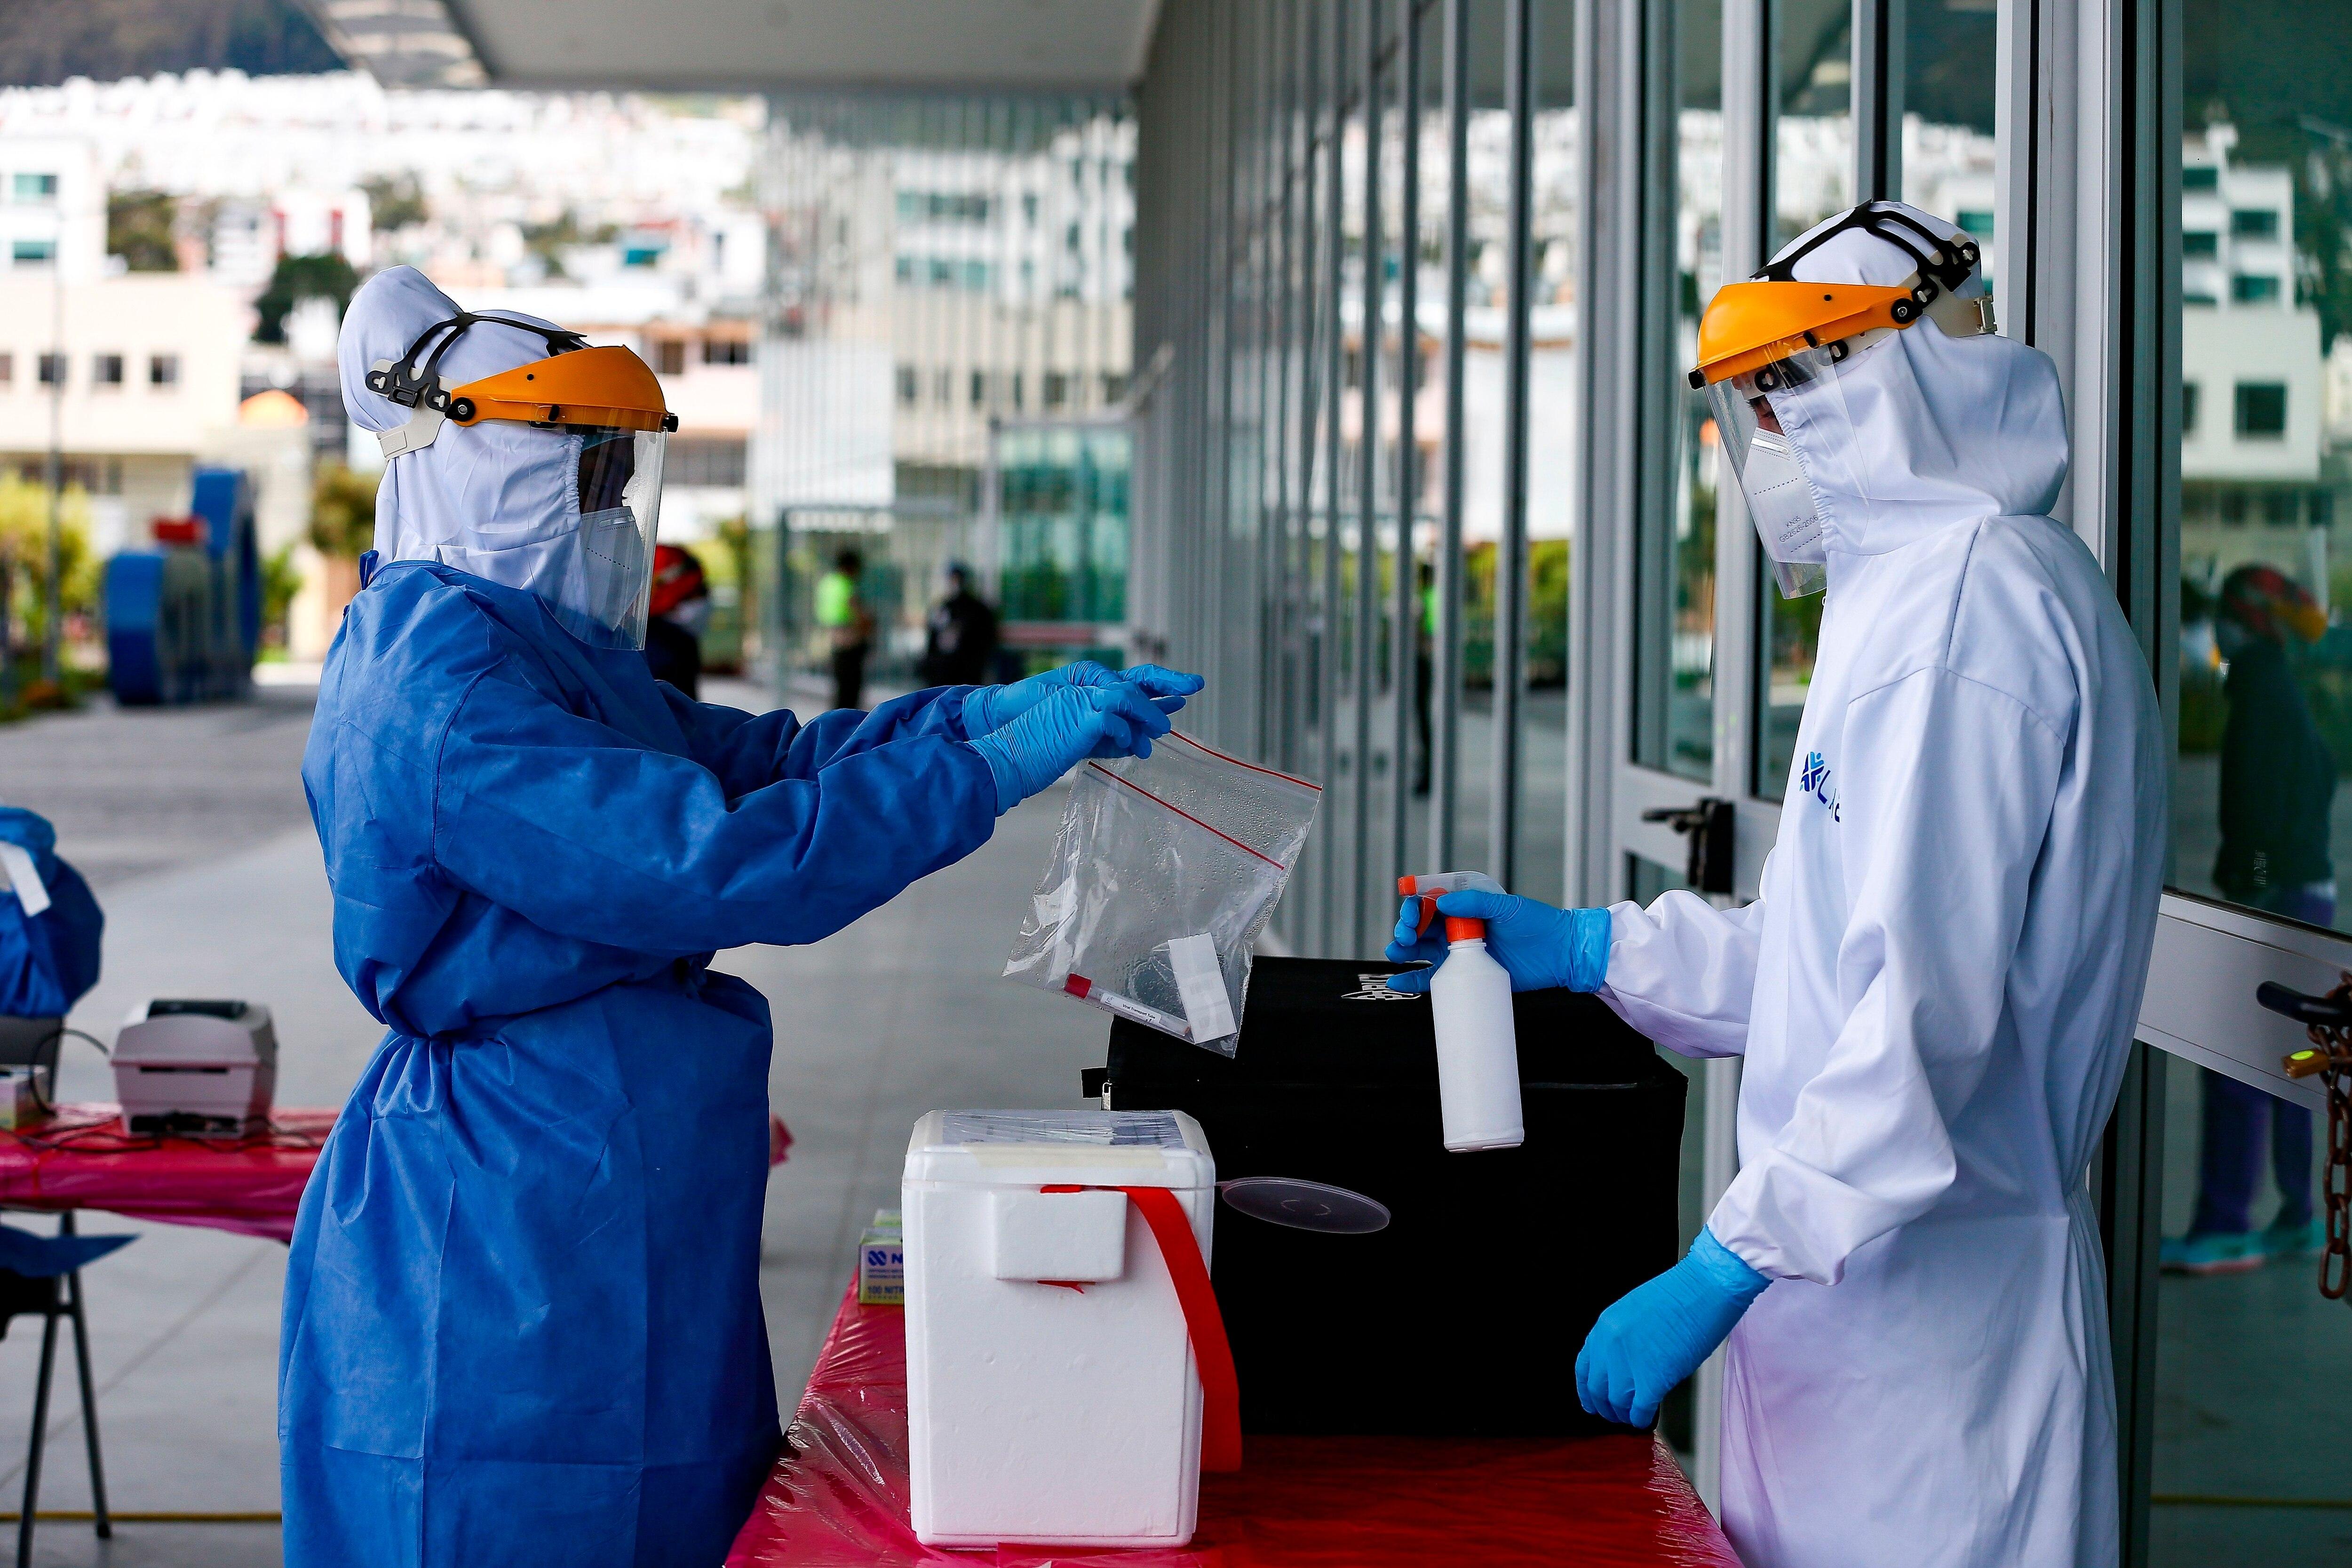 En Perú, la variante ahora llamada Lambda fue detectada en más del 80% de los casos de COVID-19 en Lima en mayo / EFE/José Jácome/Archivo